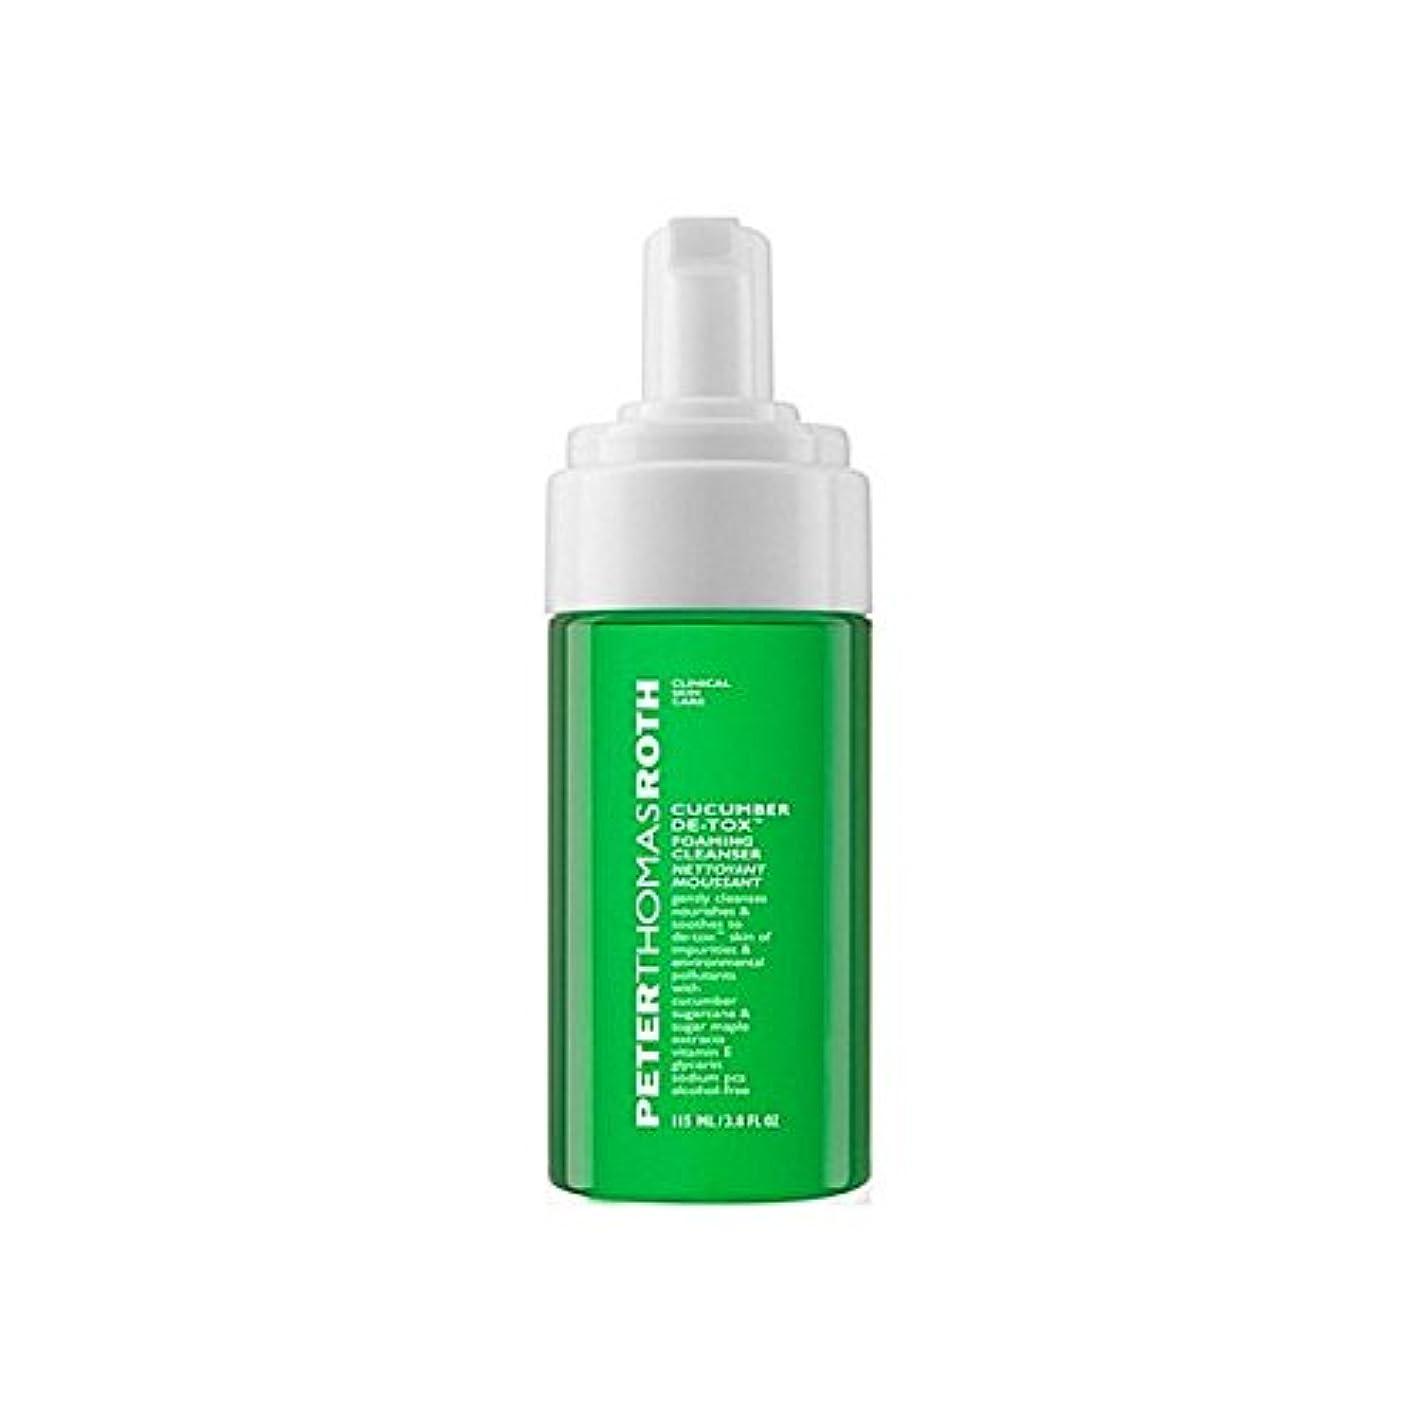 深く薬タイルピータートーマスロスキュウリデ発泡クレンザー x2 - Peter Thomas Roth Cucumber De-Tox Foaming Cleanser (Pack of 2) [並行輸入品]